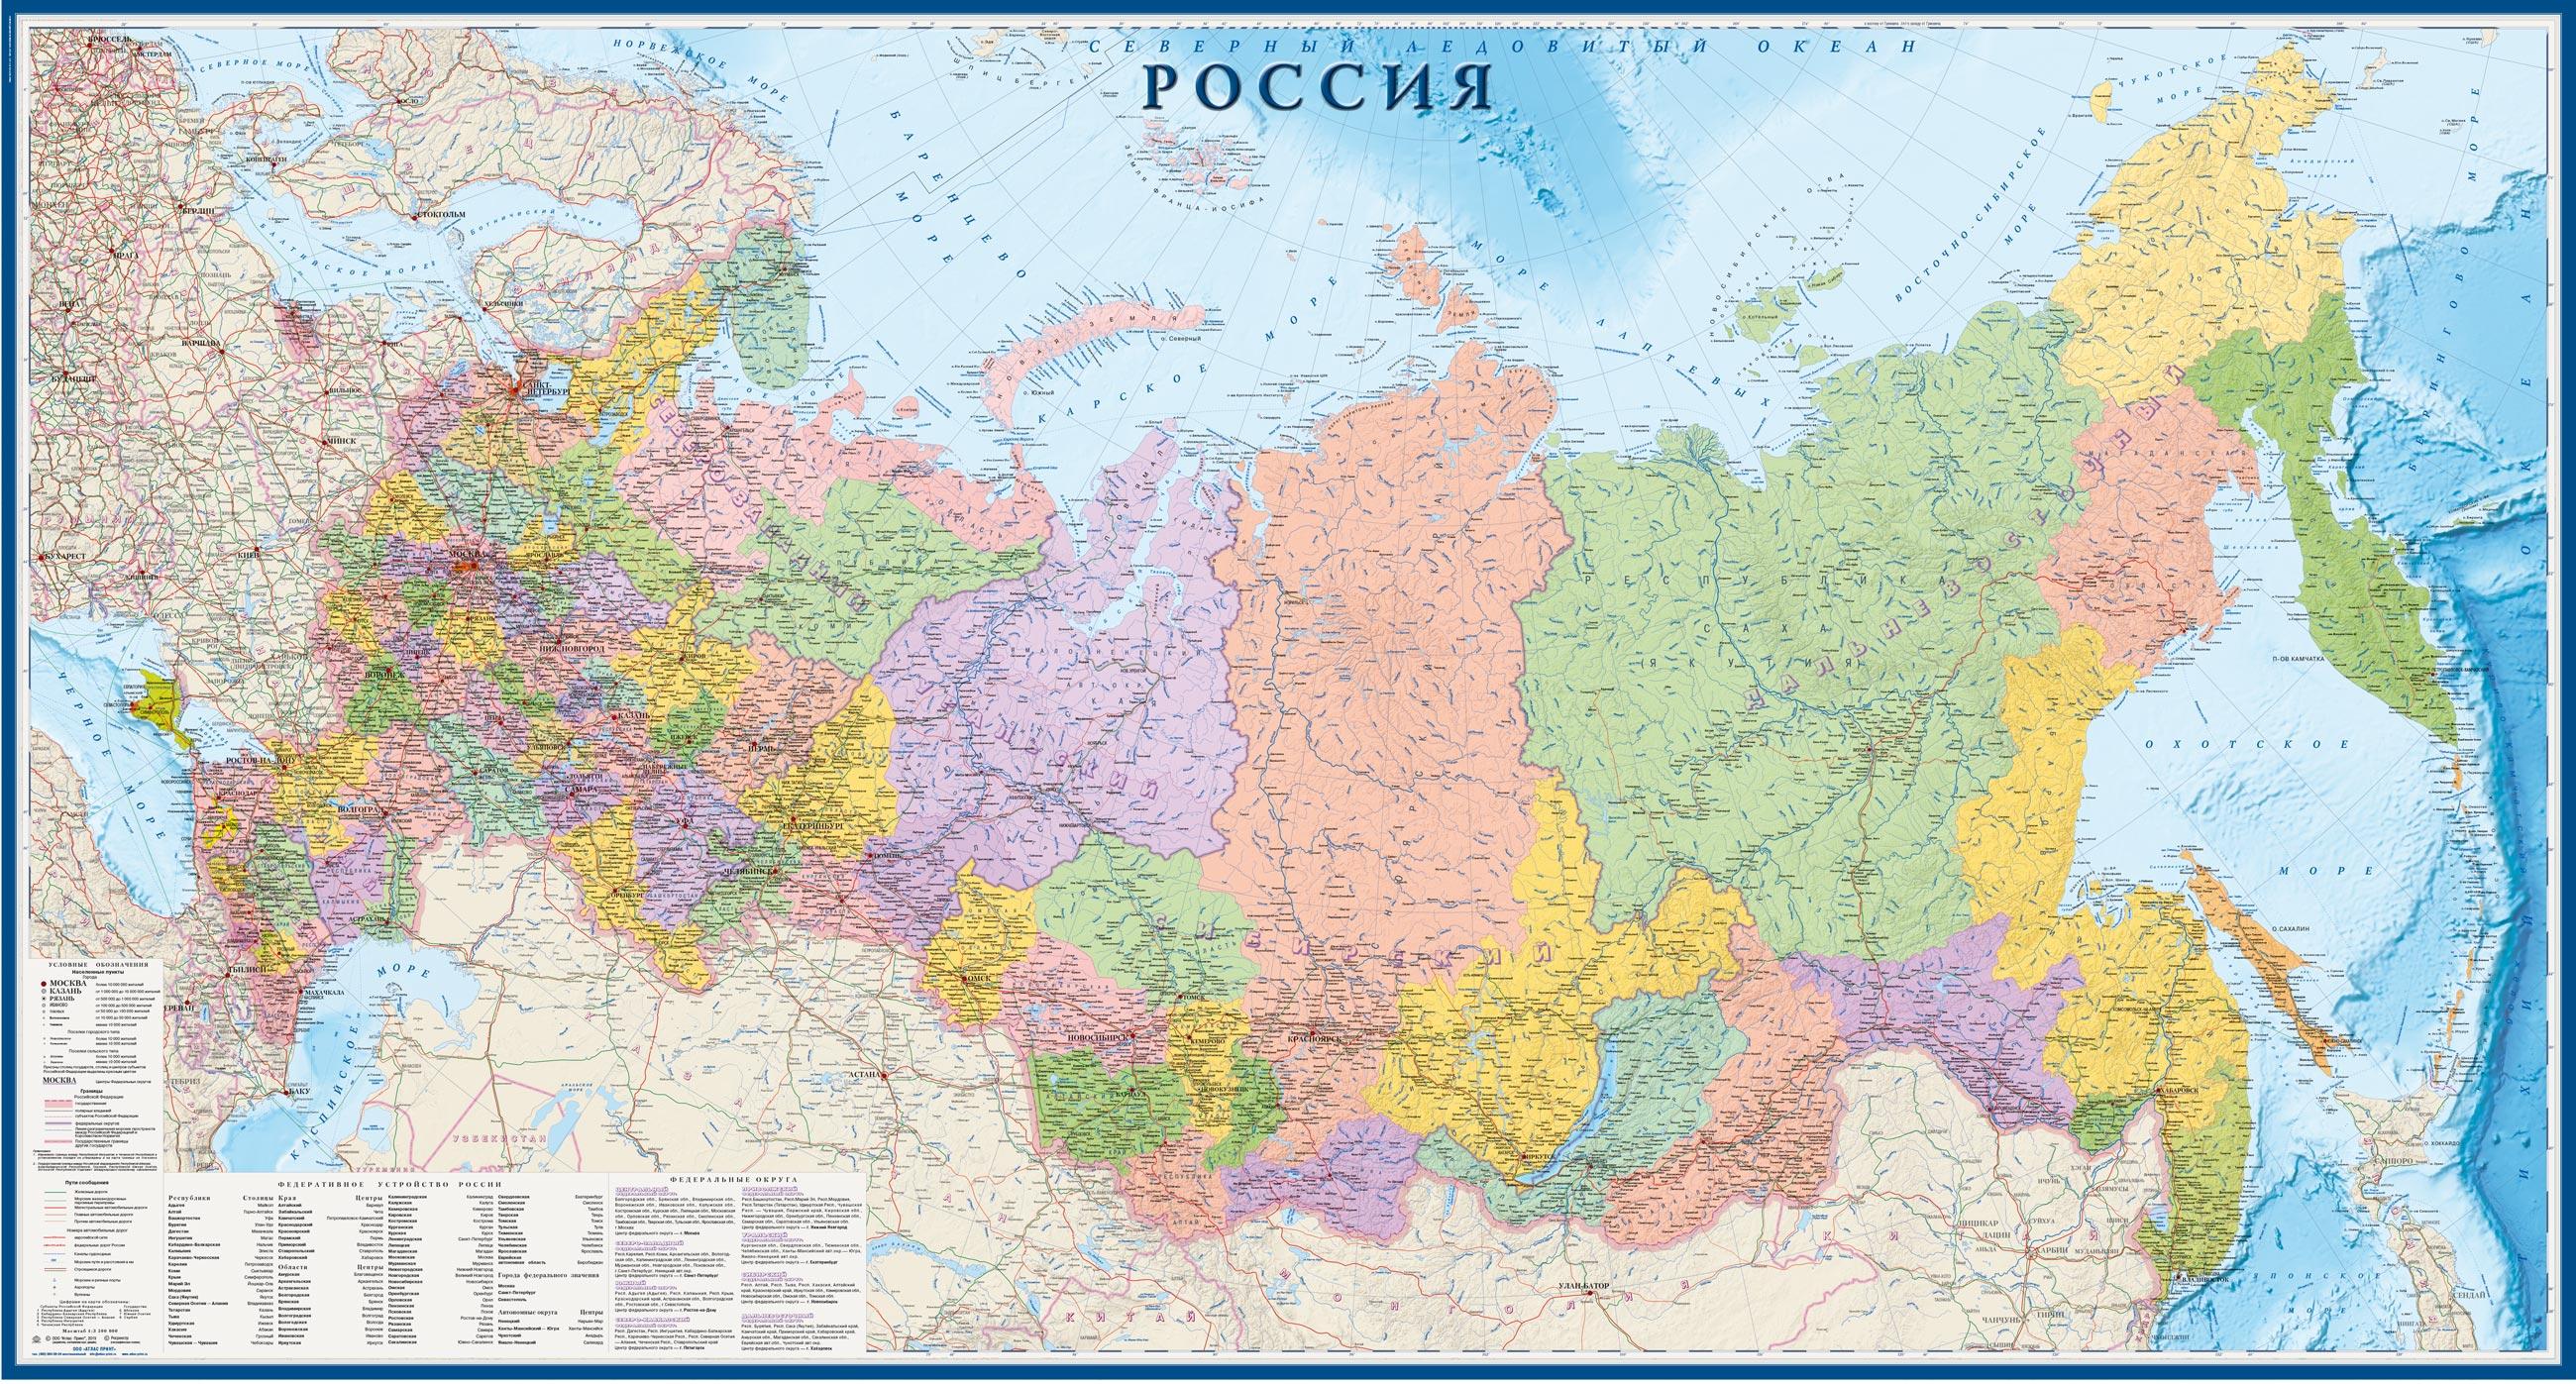 Настенная политико-административная карта России с границами федеральных округов 2,6*1,4м, ламинированная